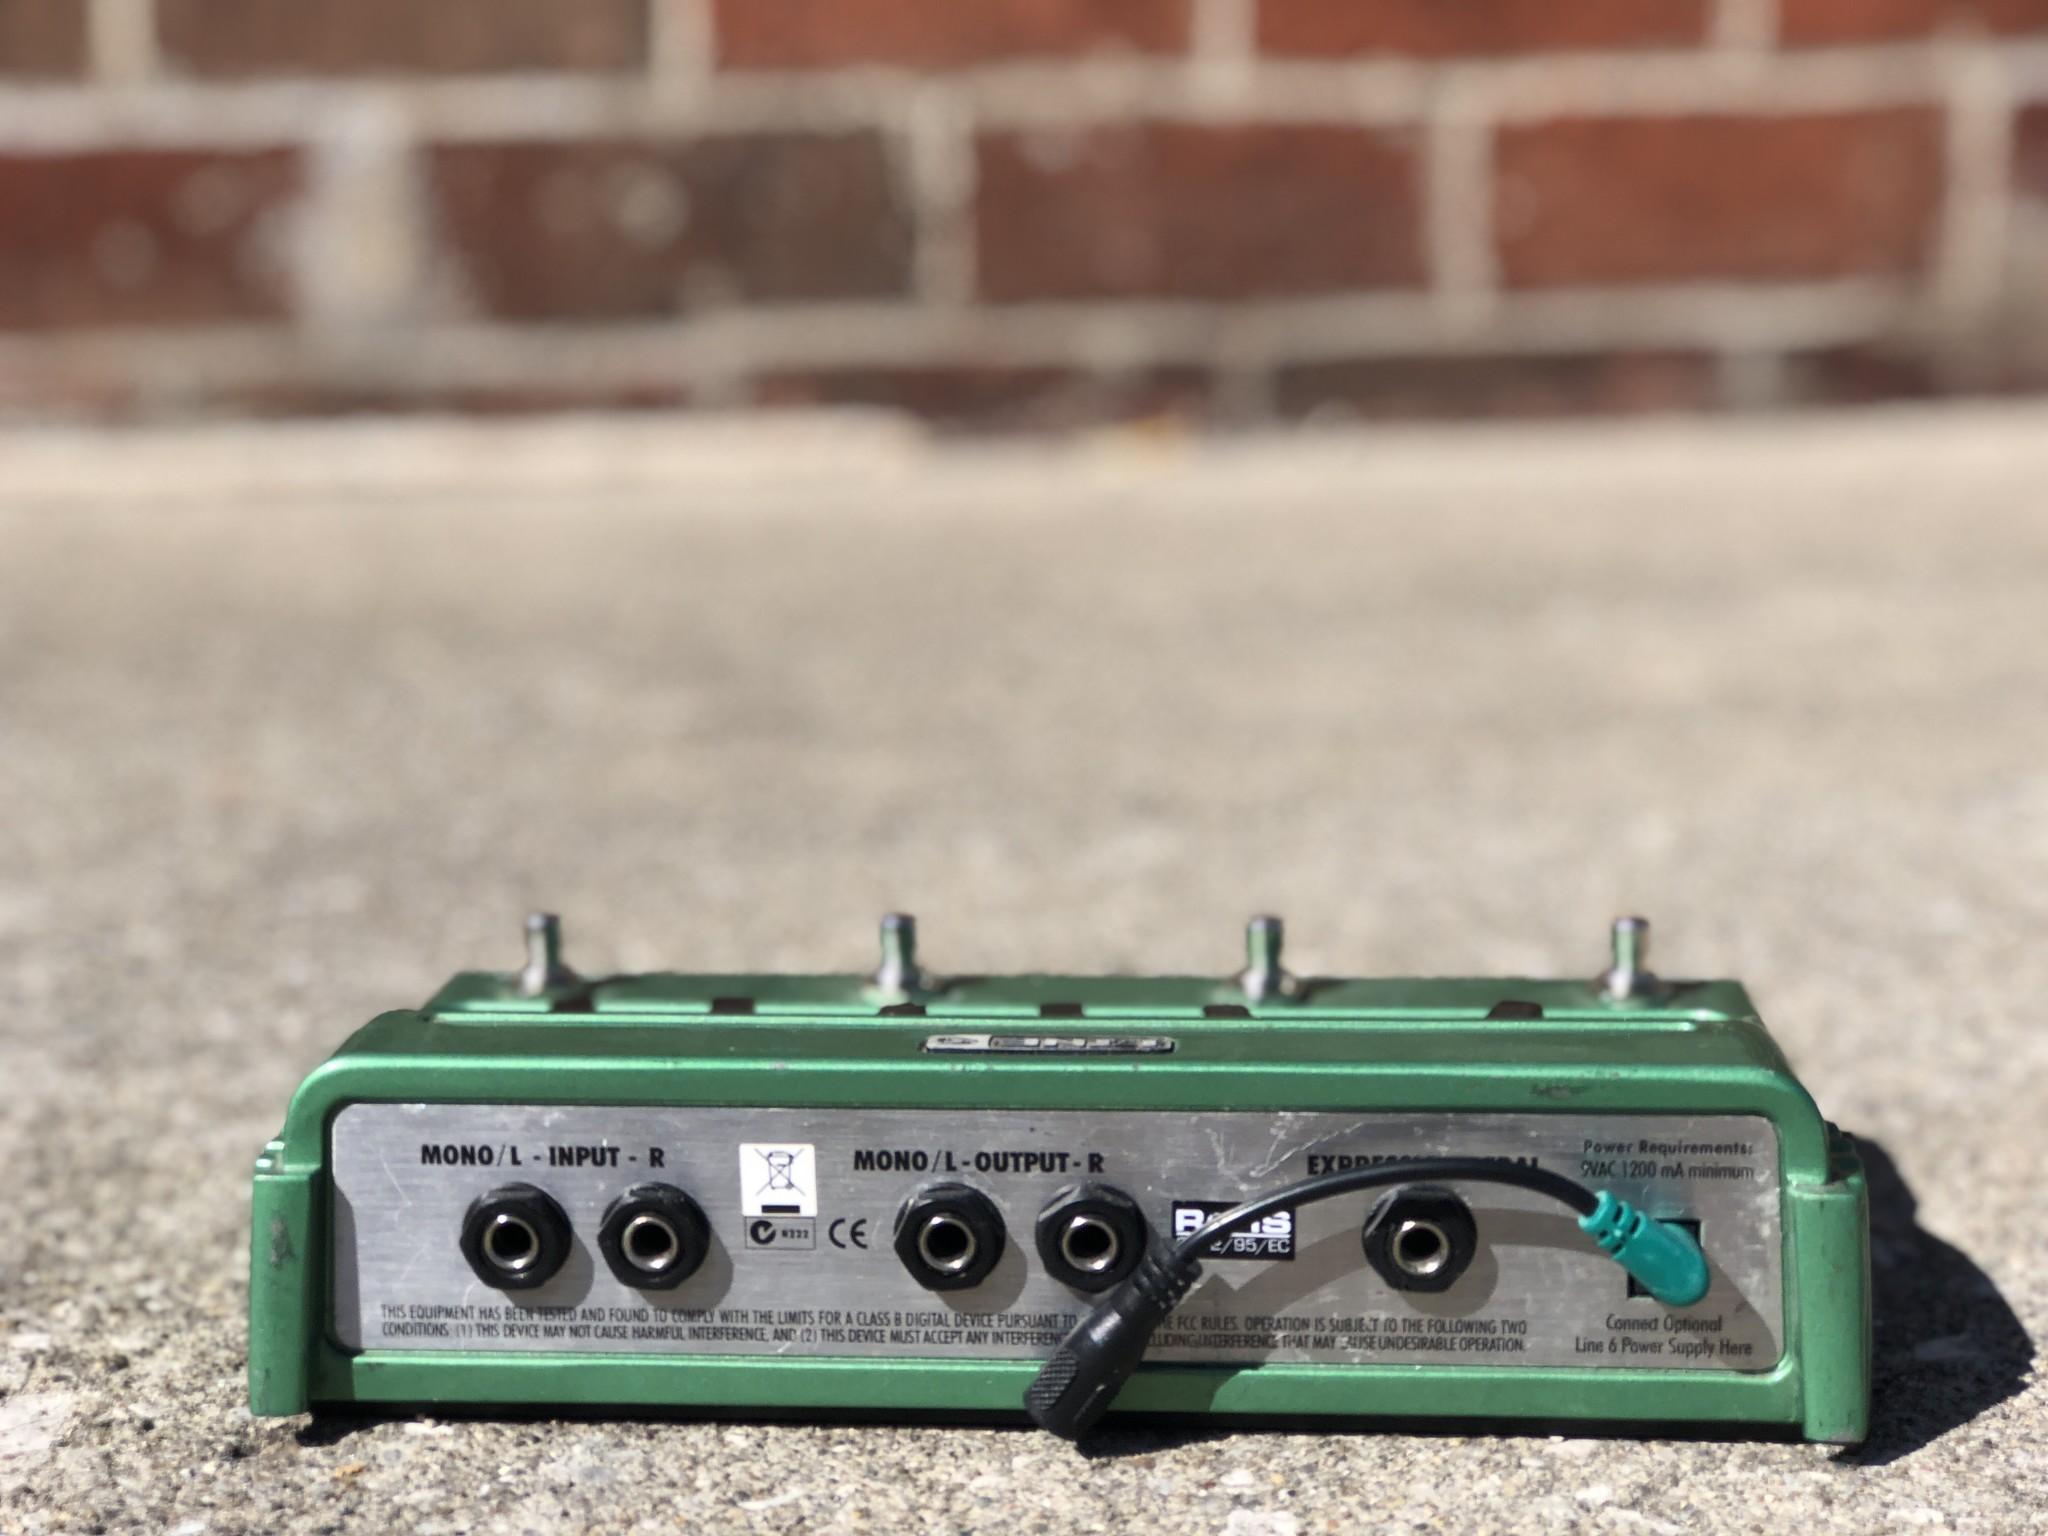 Line 6 DL 4 - Delay Modeler Pedal-4